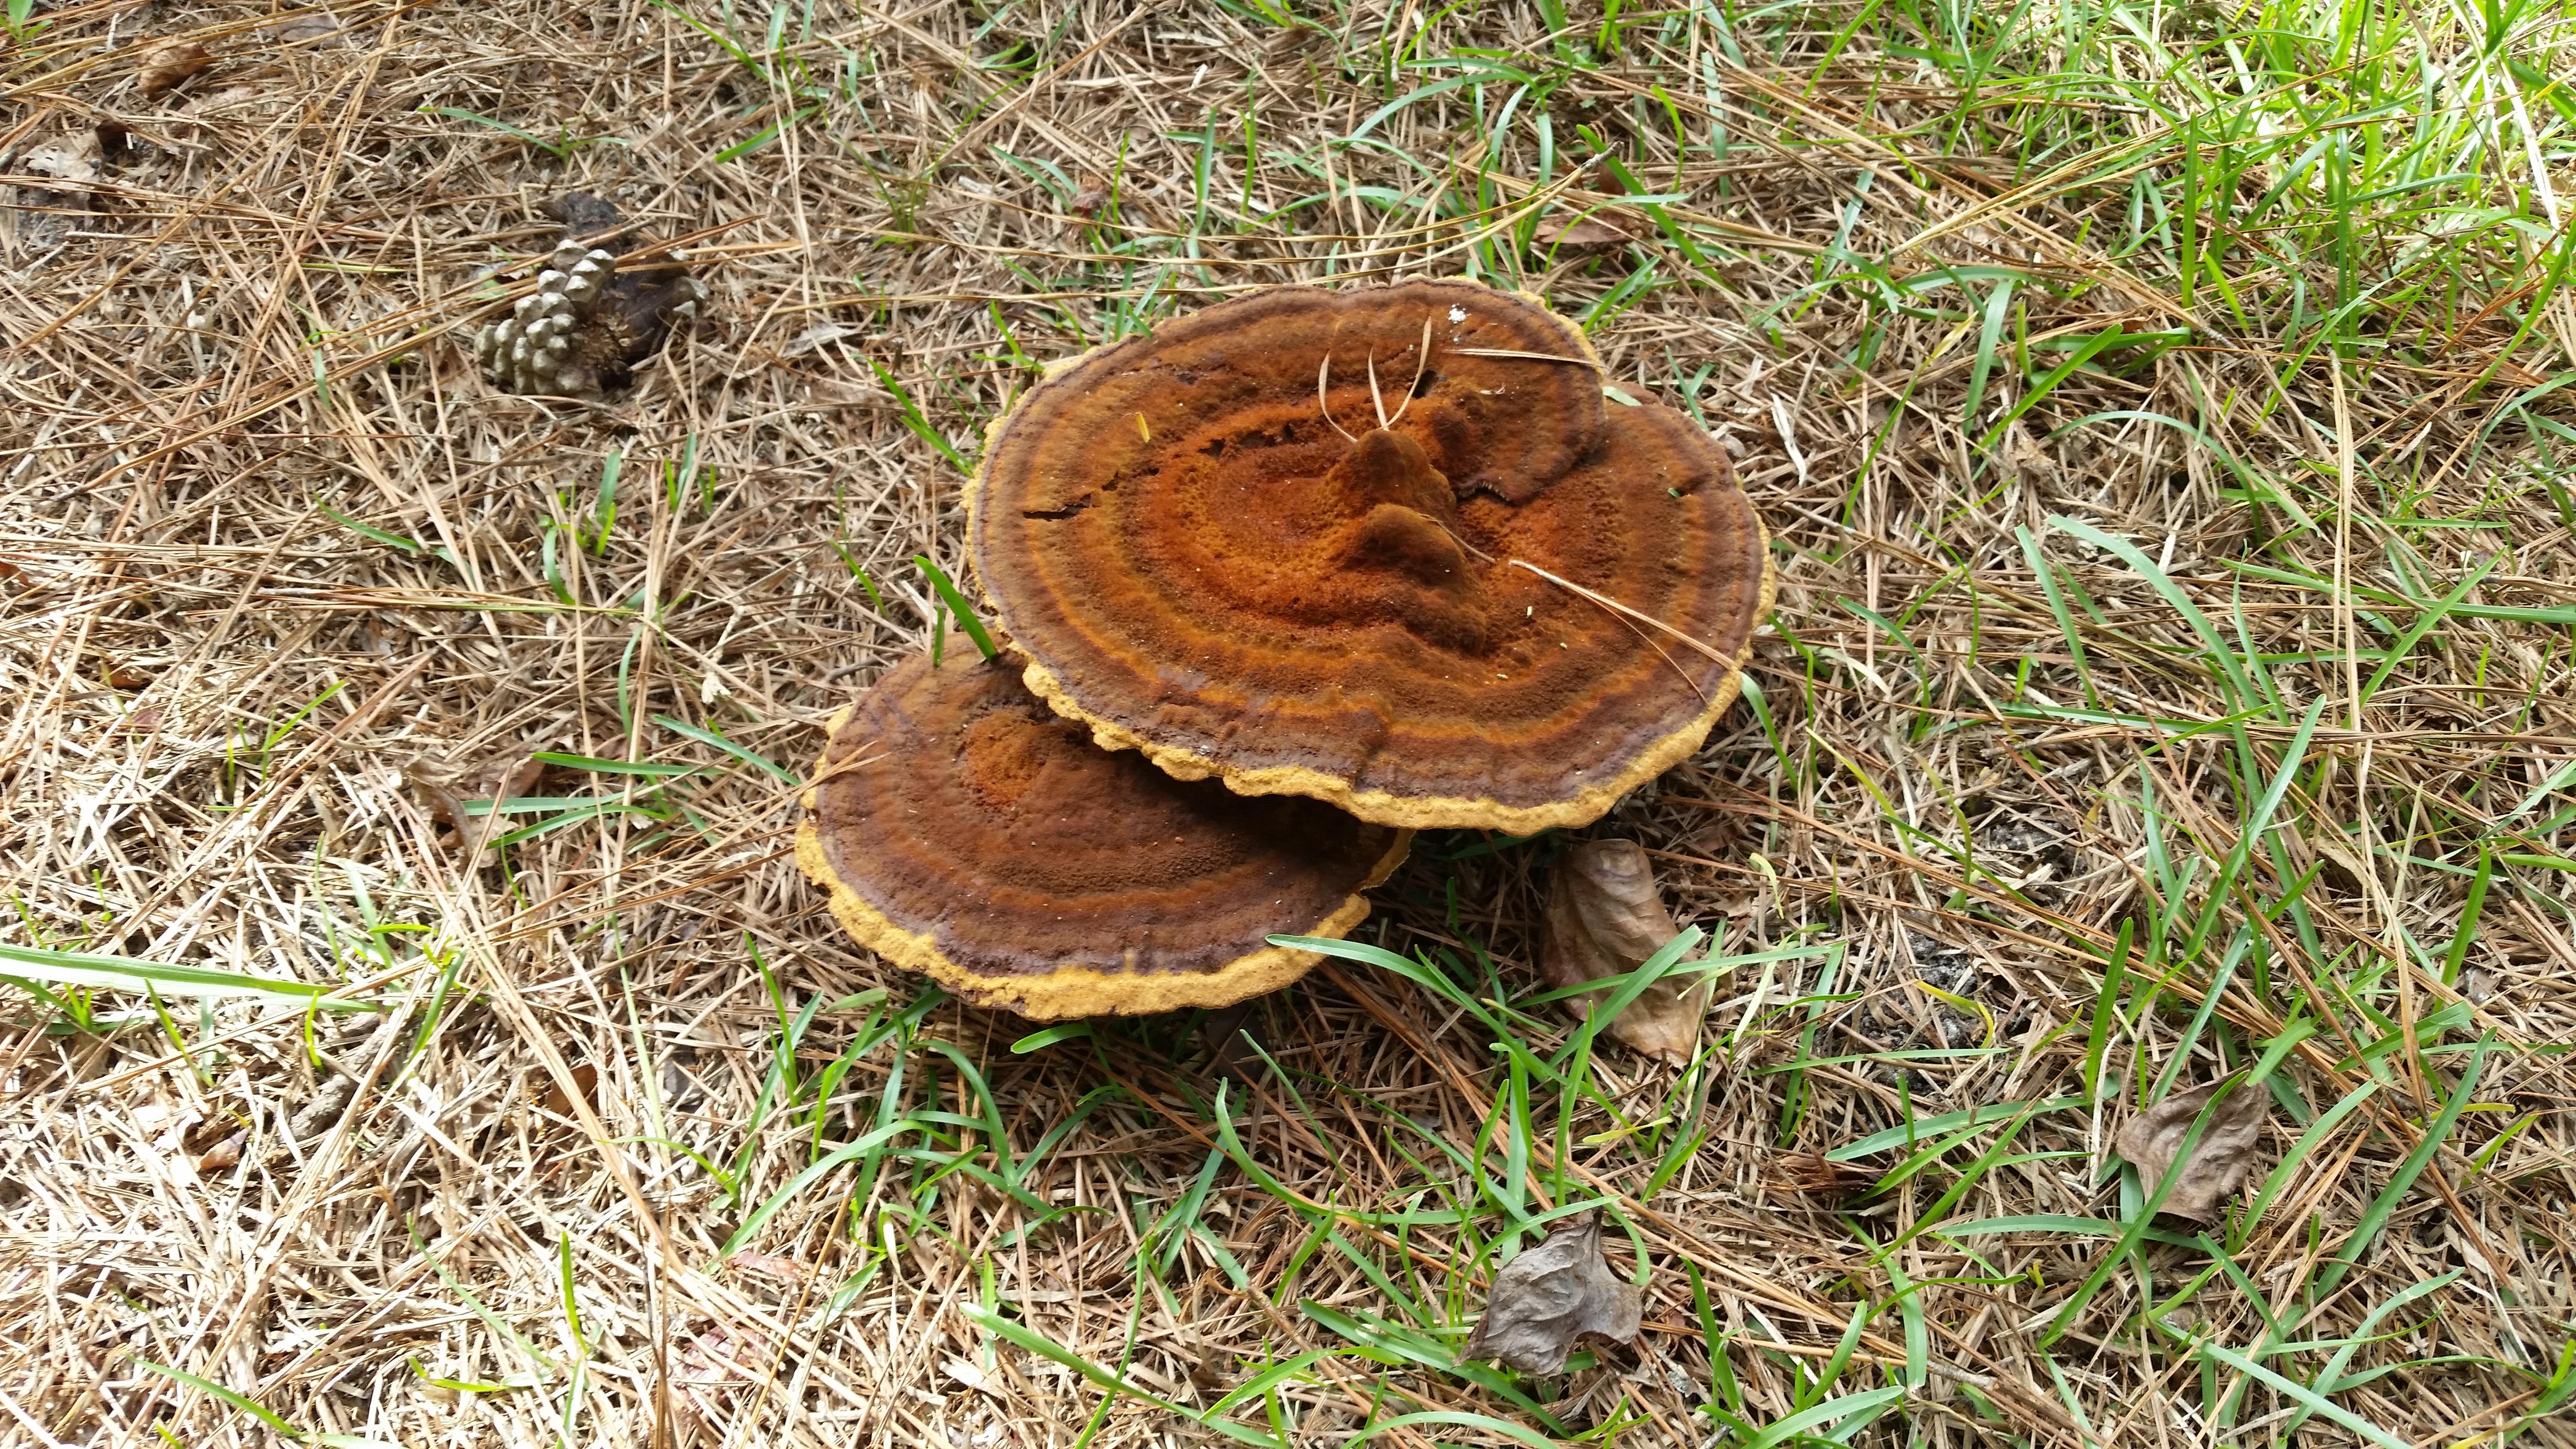 Images gratuites arbre la nature for t plante tronc naturel marron sol champignon - Champignon sur tronc d arbre ...